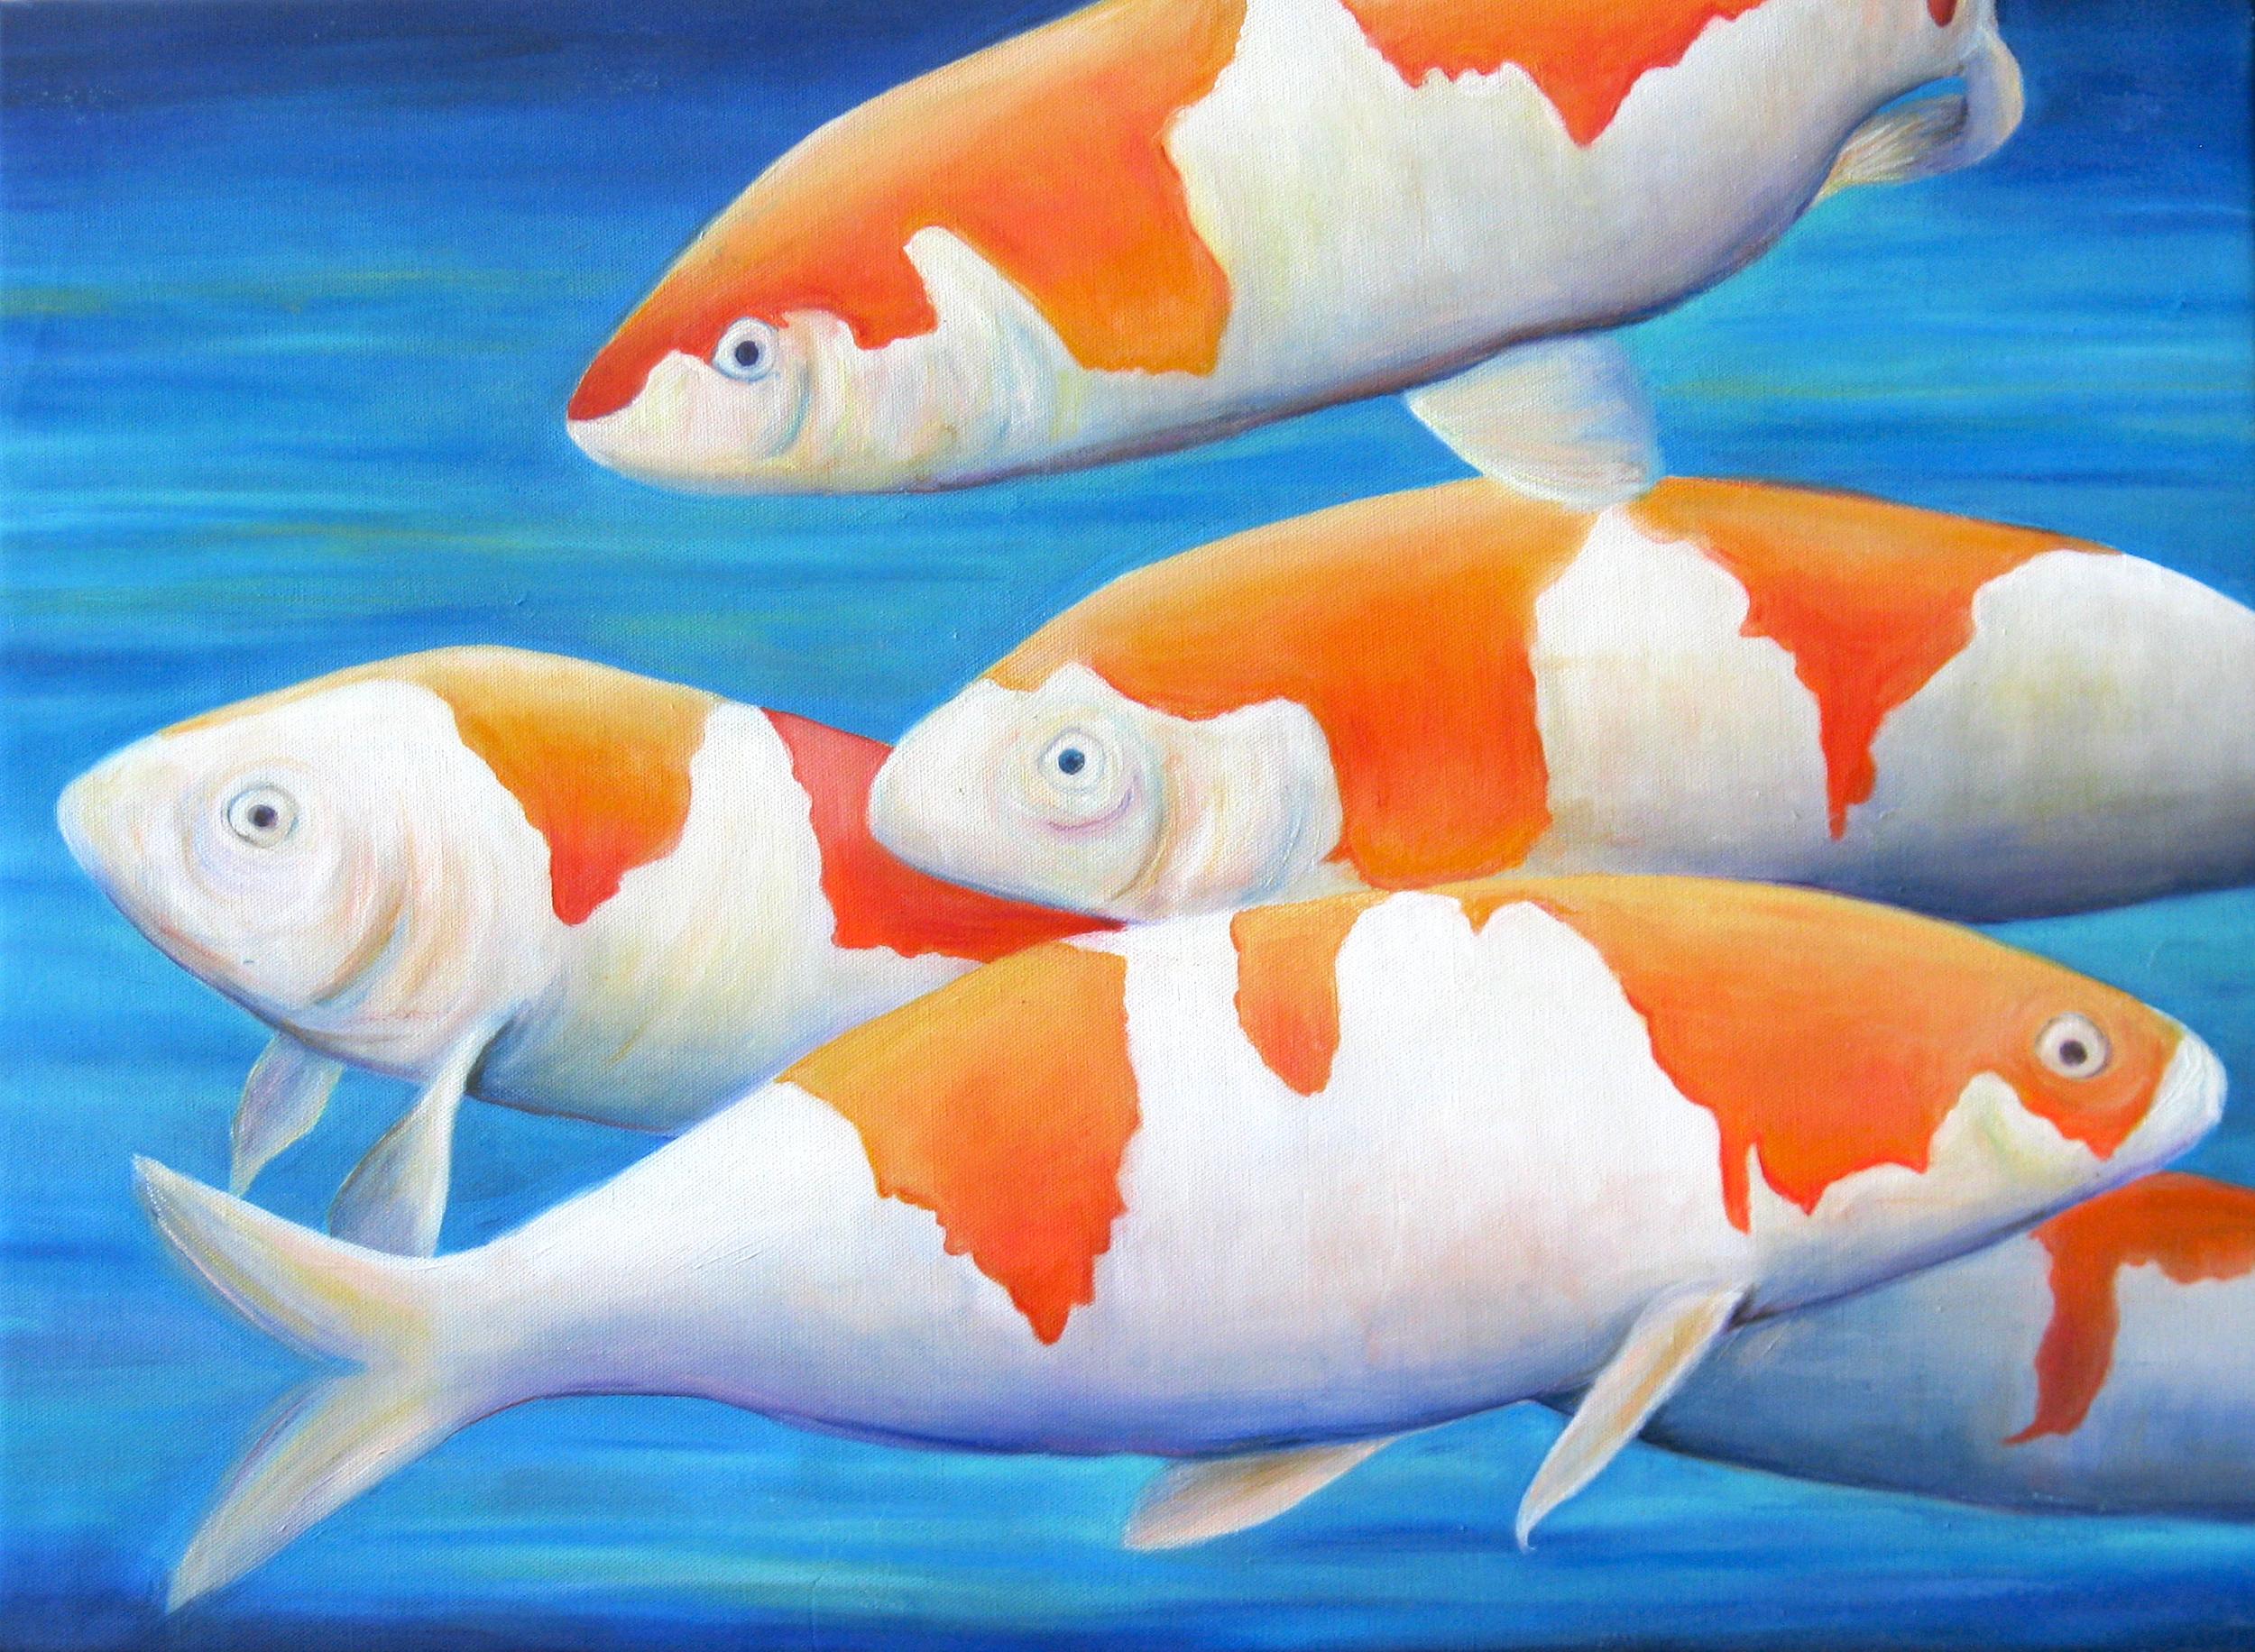 Coi Fish